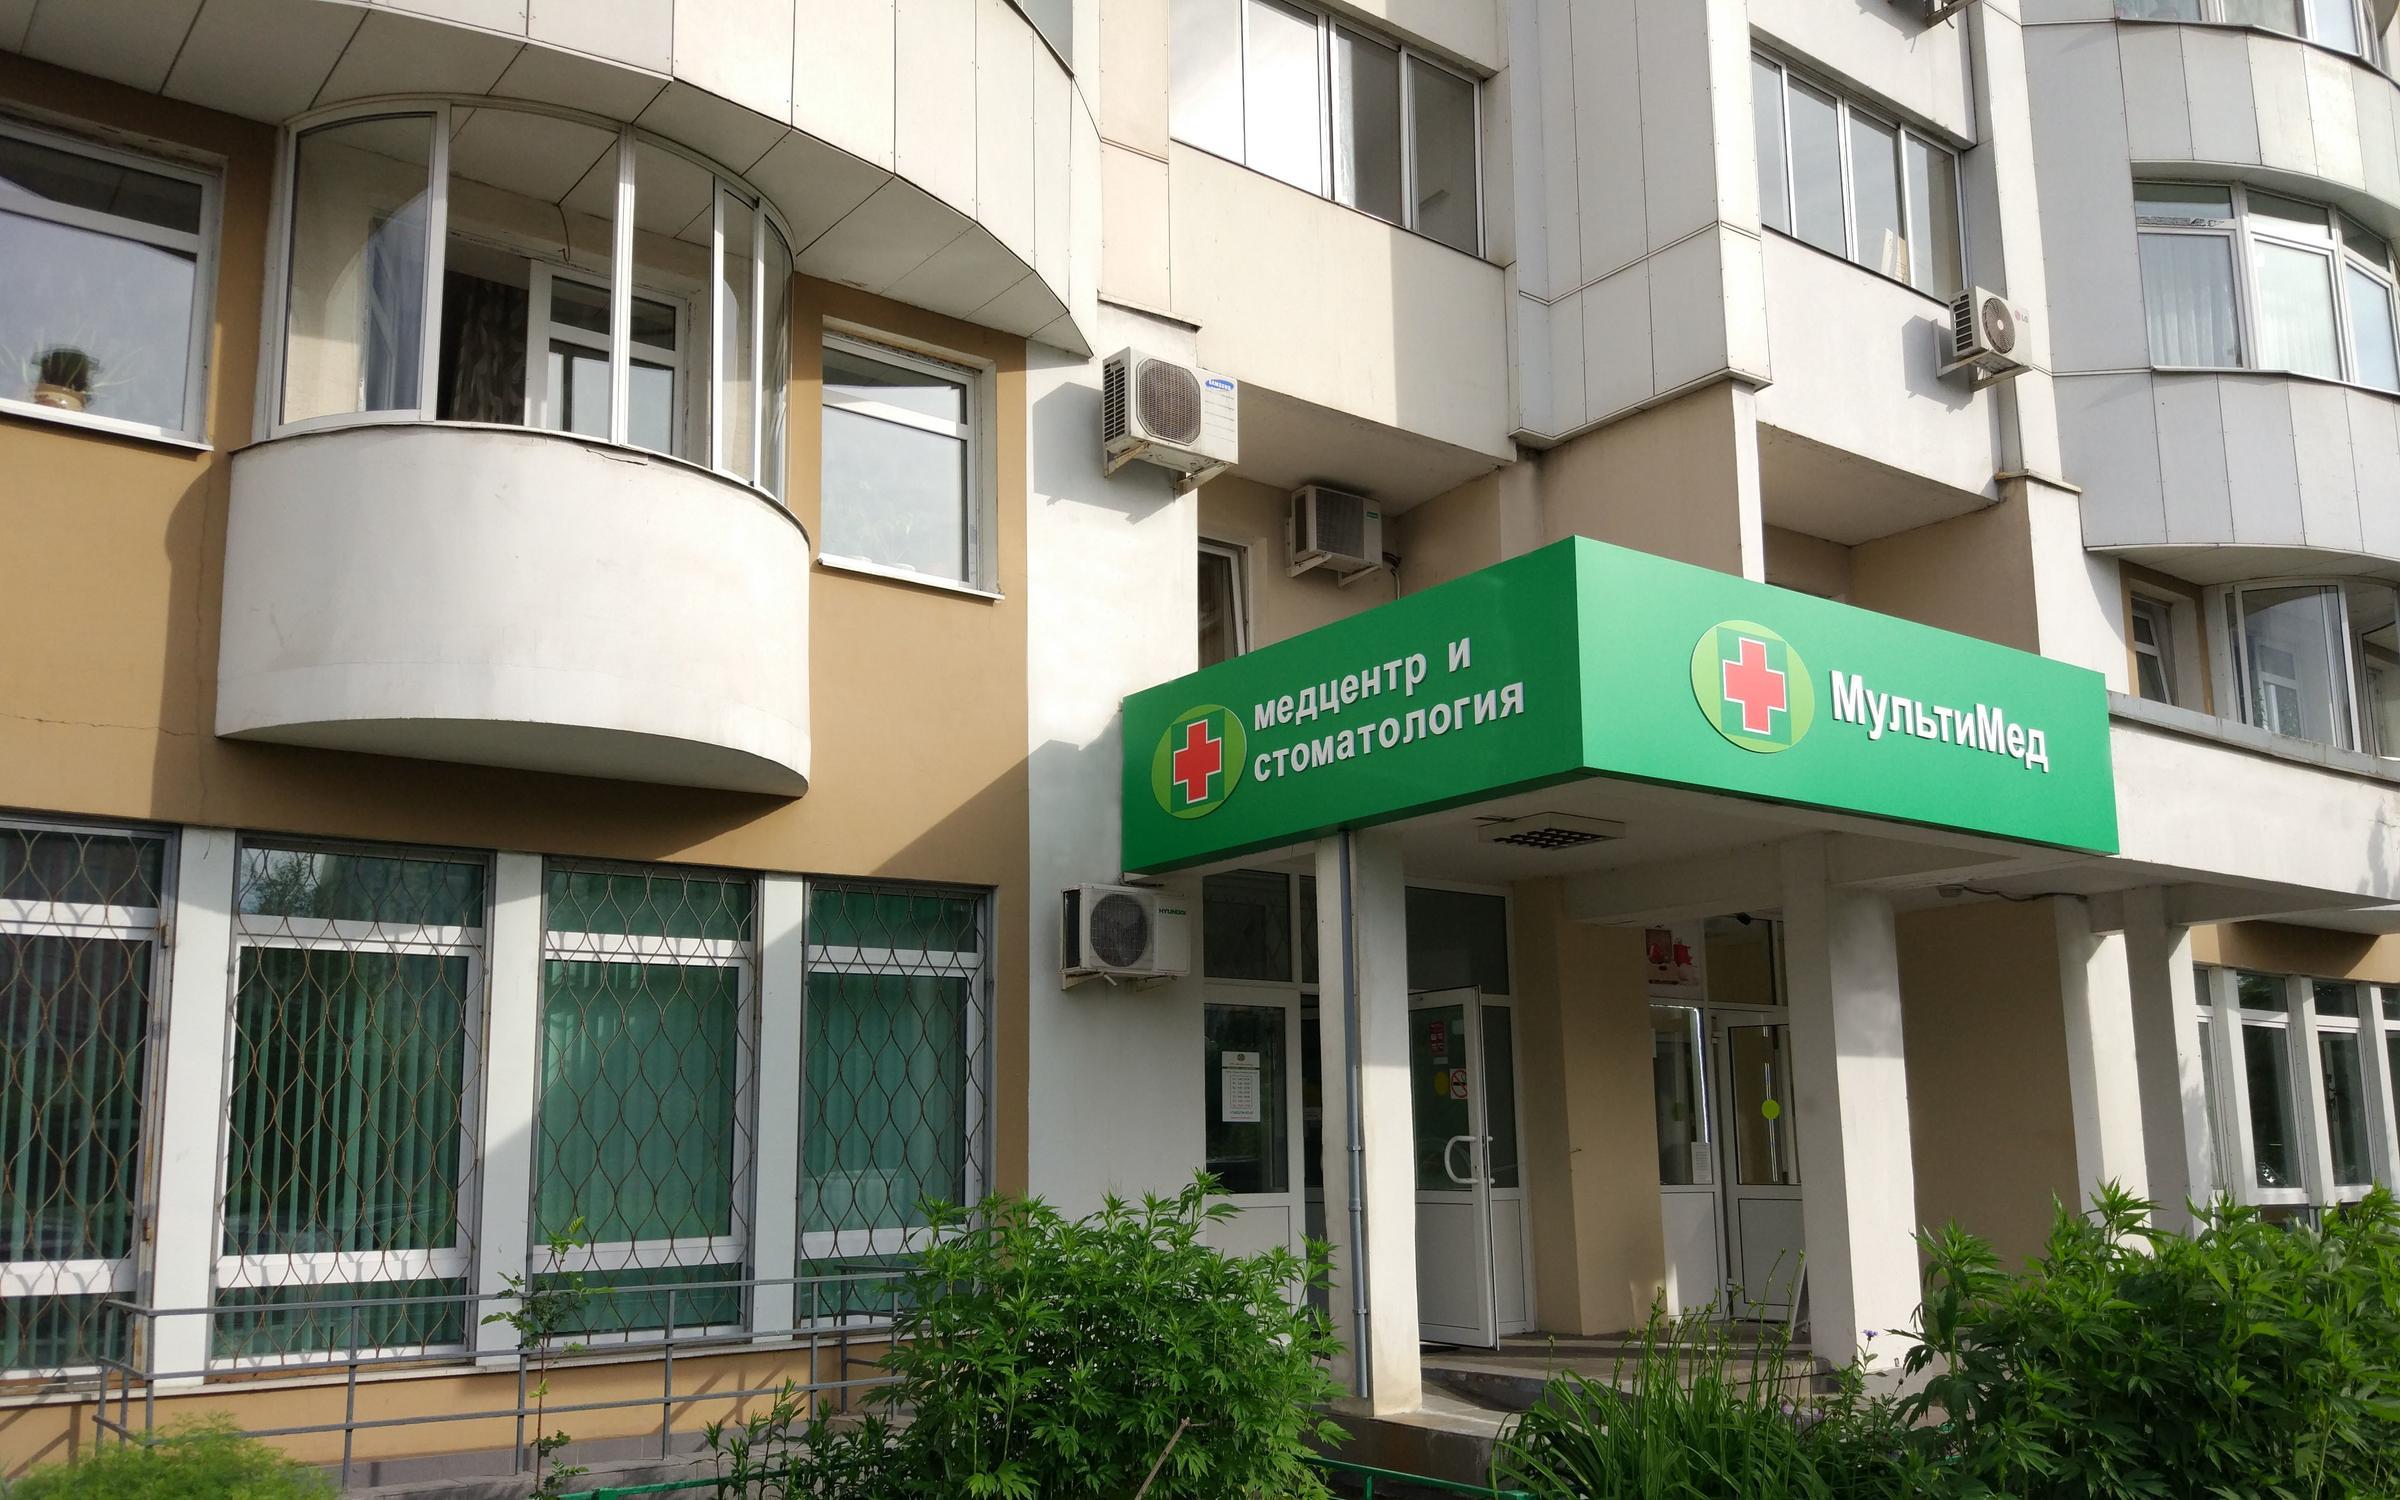 фотография Медицинского центра МультиМед в Митино